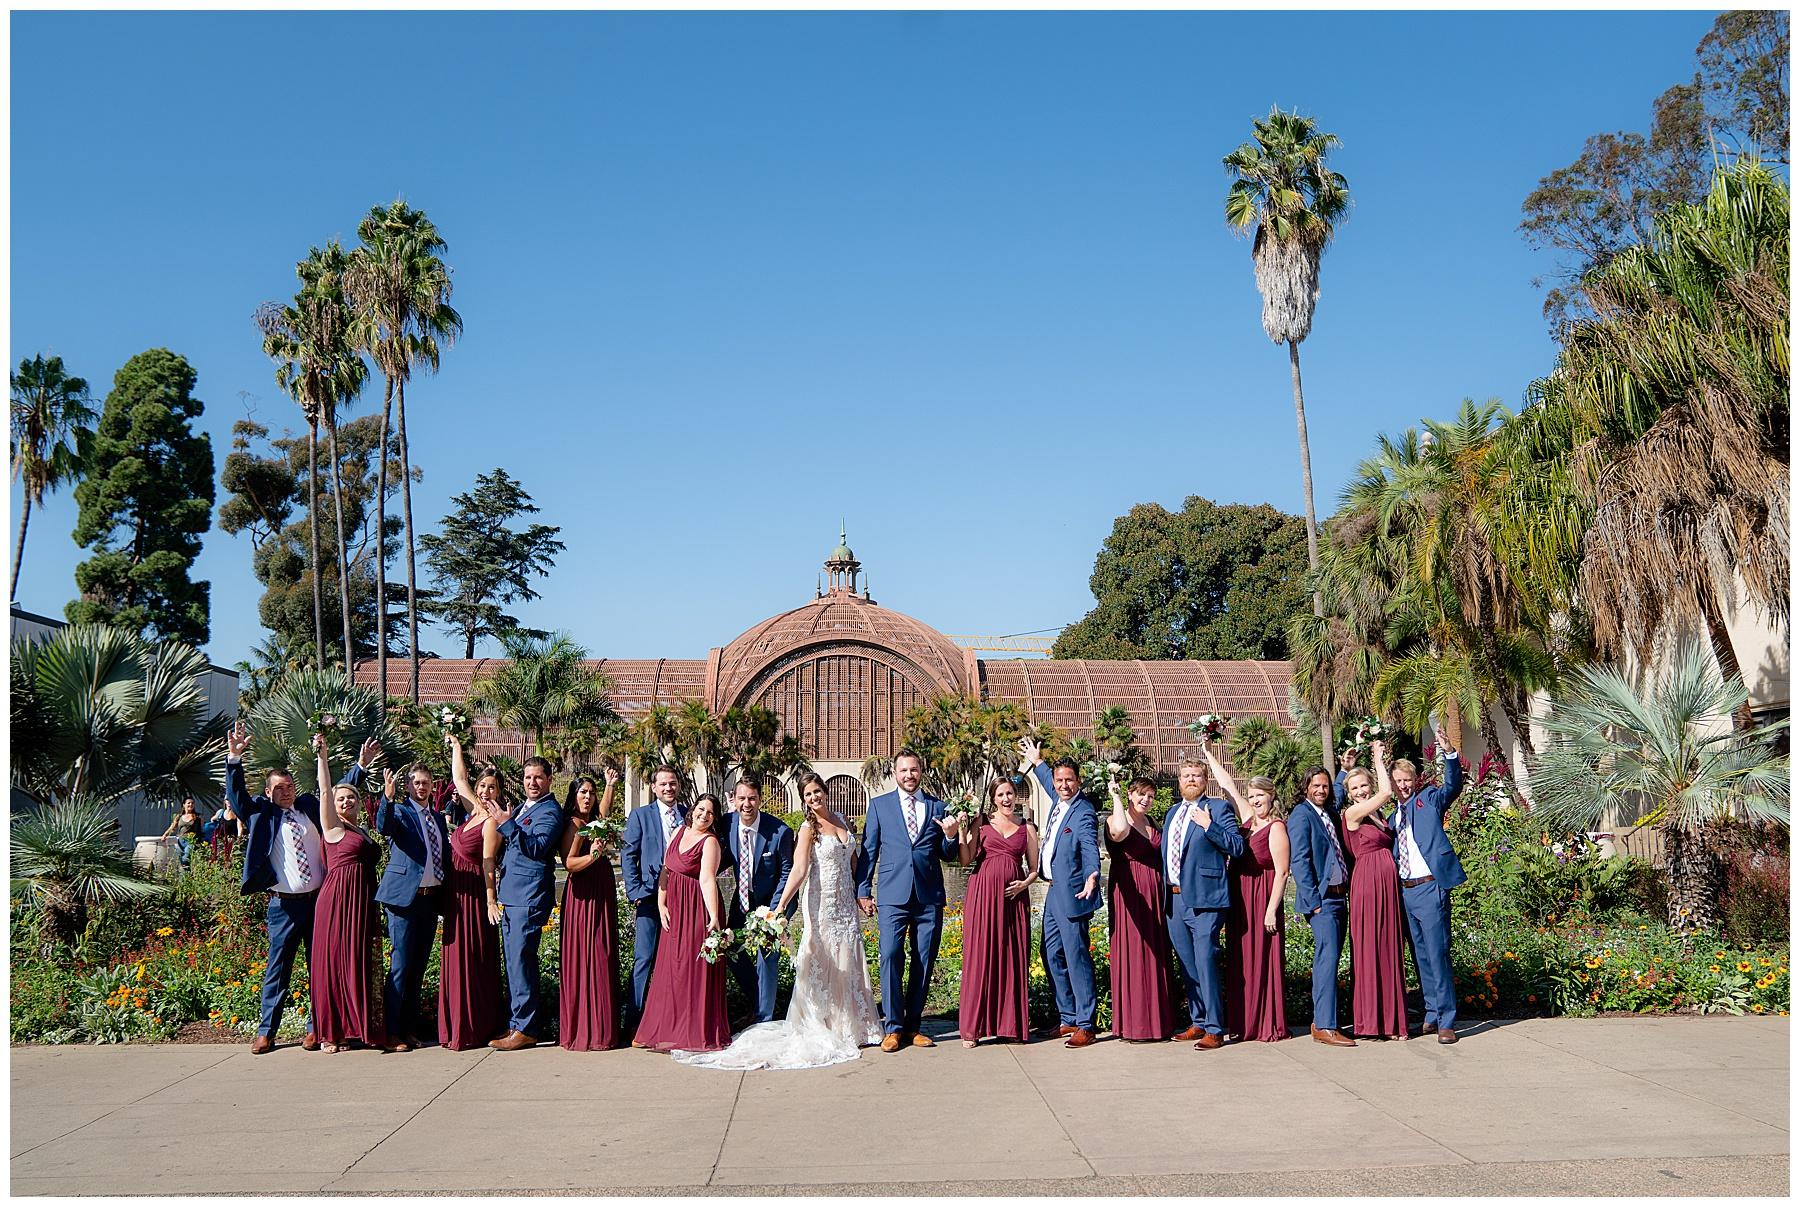 wedding photos at balboa park